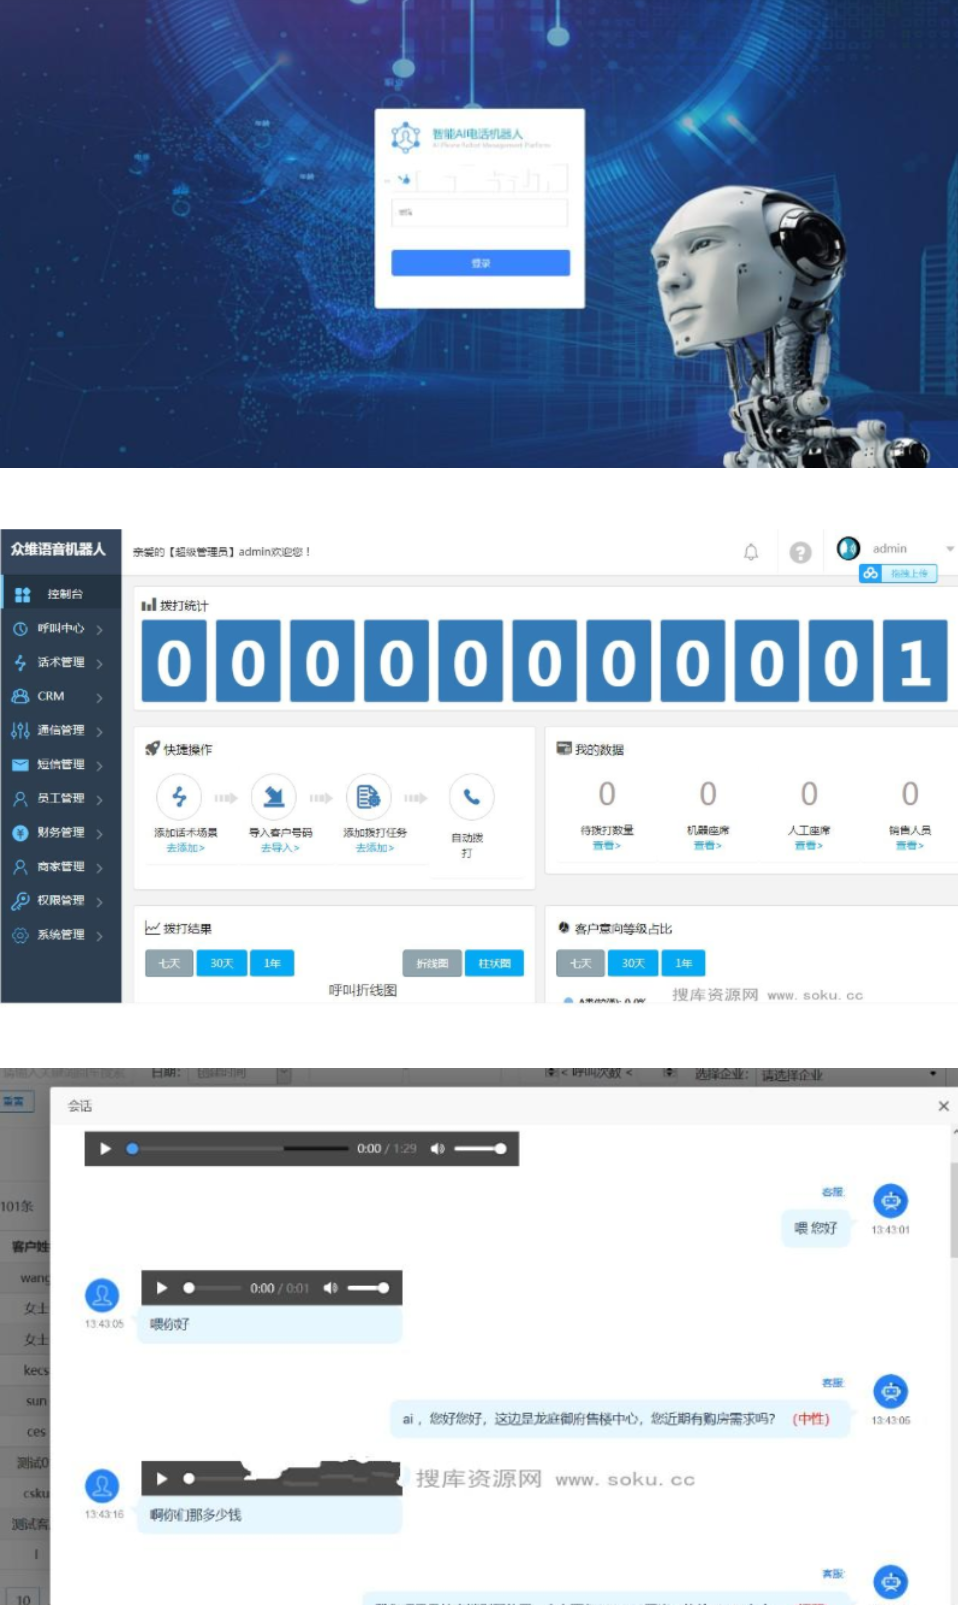 最新价值4800接单运营版电销语音机器人完整版源码+文字安装教程-渔枫源码分享网